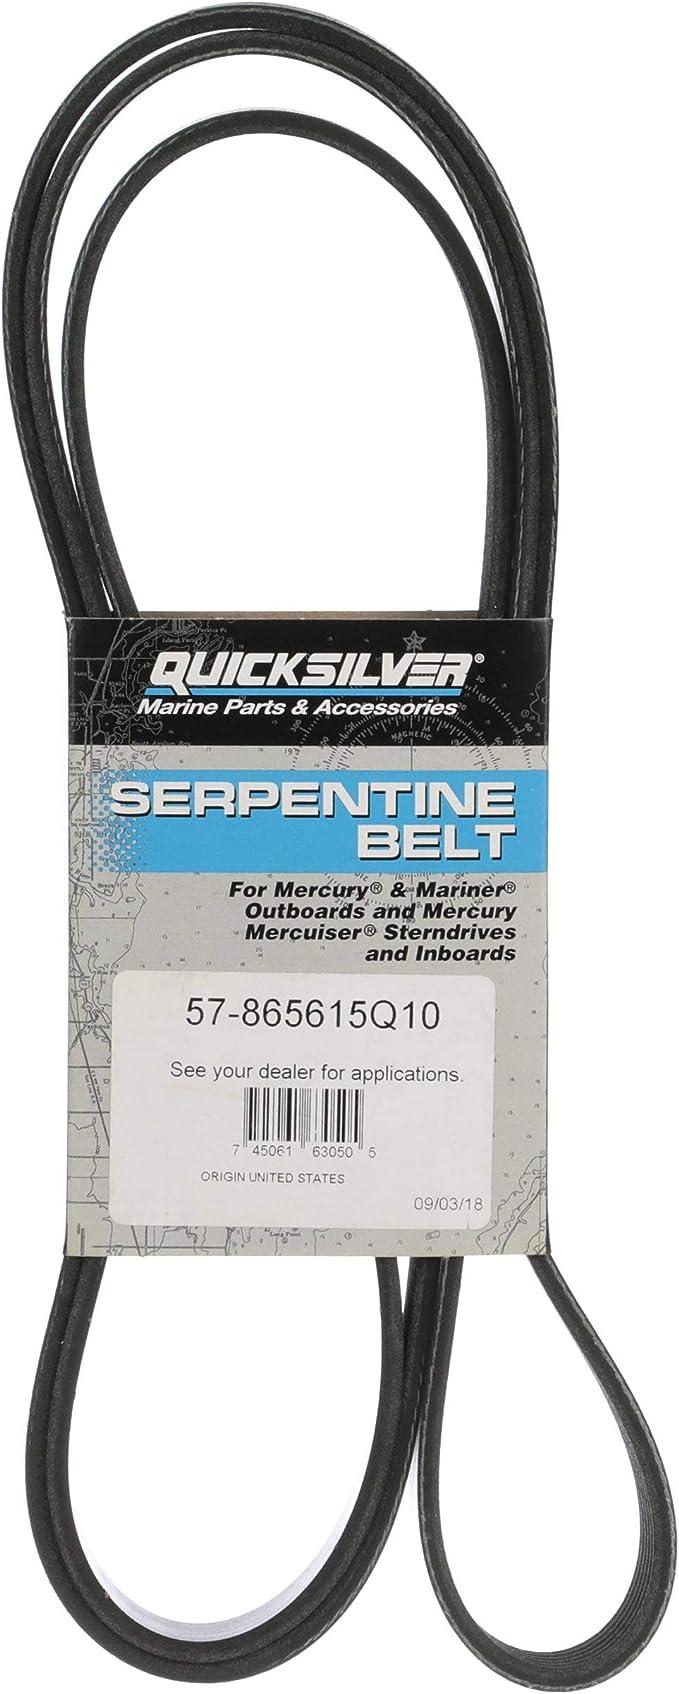 OEM MerCruiser v8 5.0 5.7 6.2 7.4 Serpentine Belt 865615006 57-865615Q06